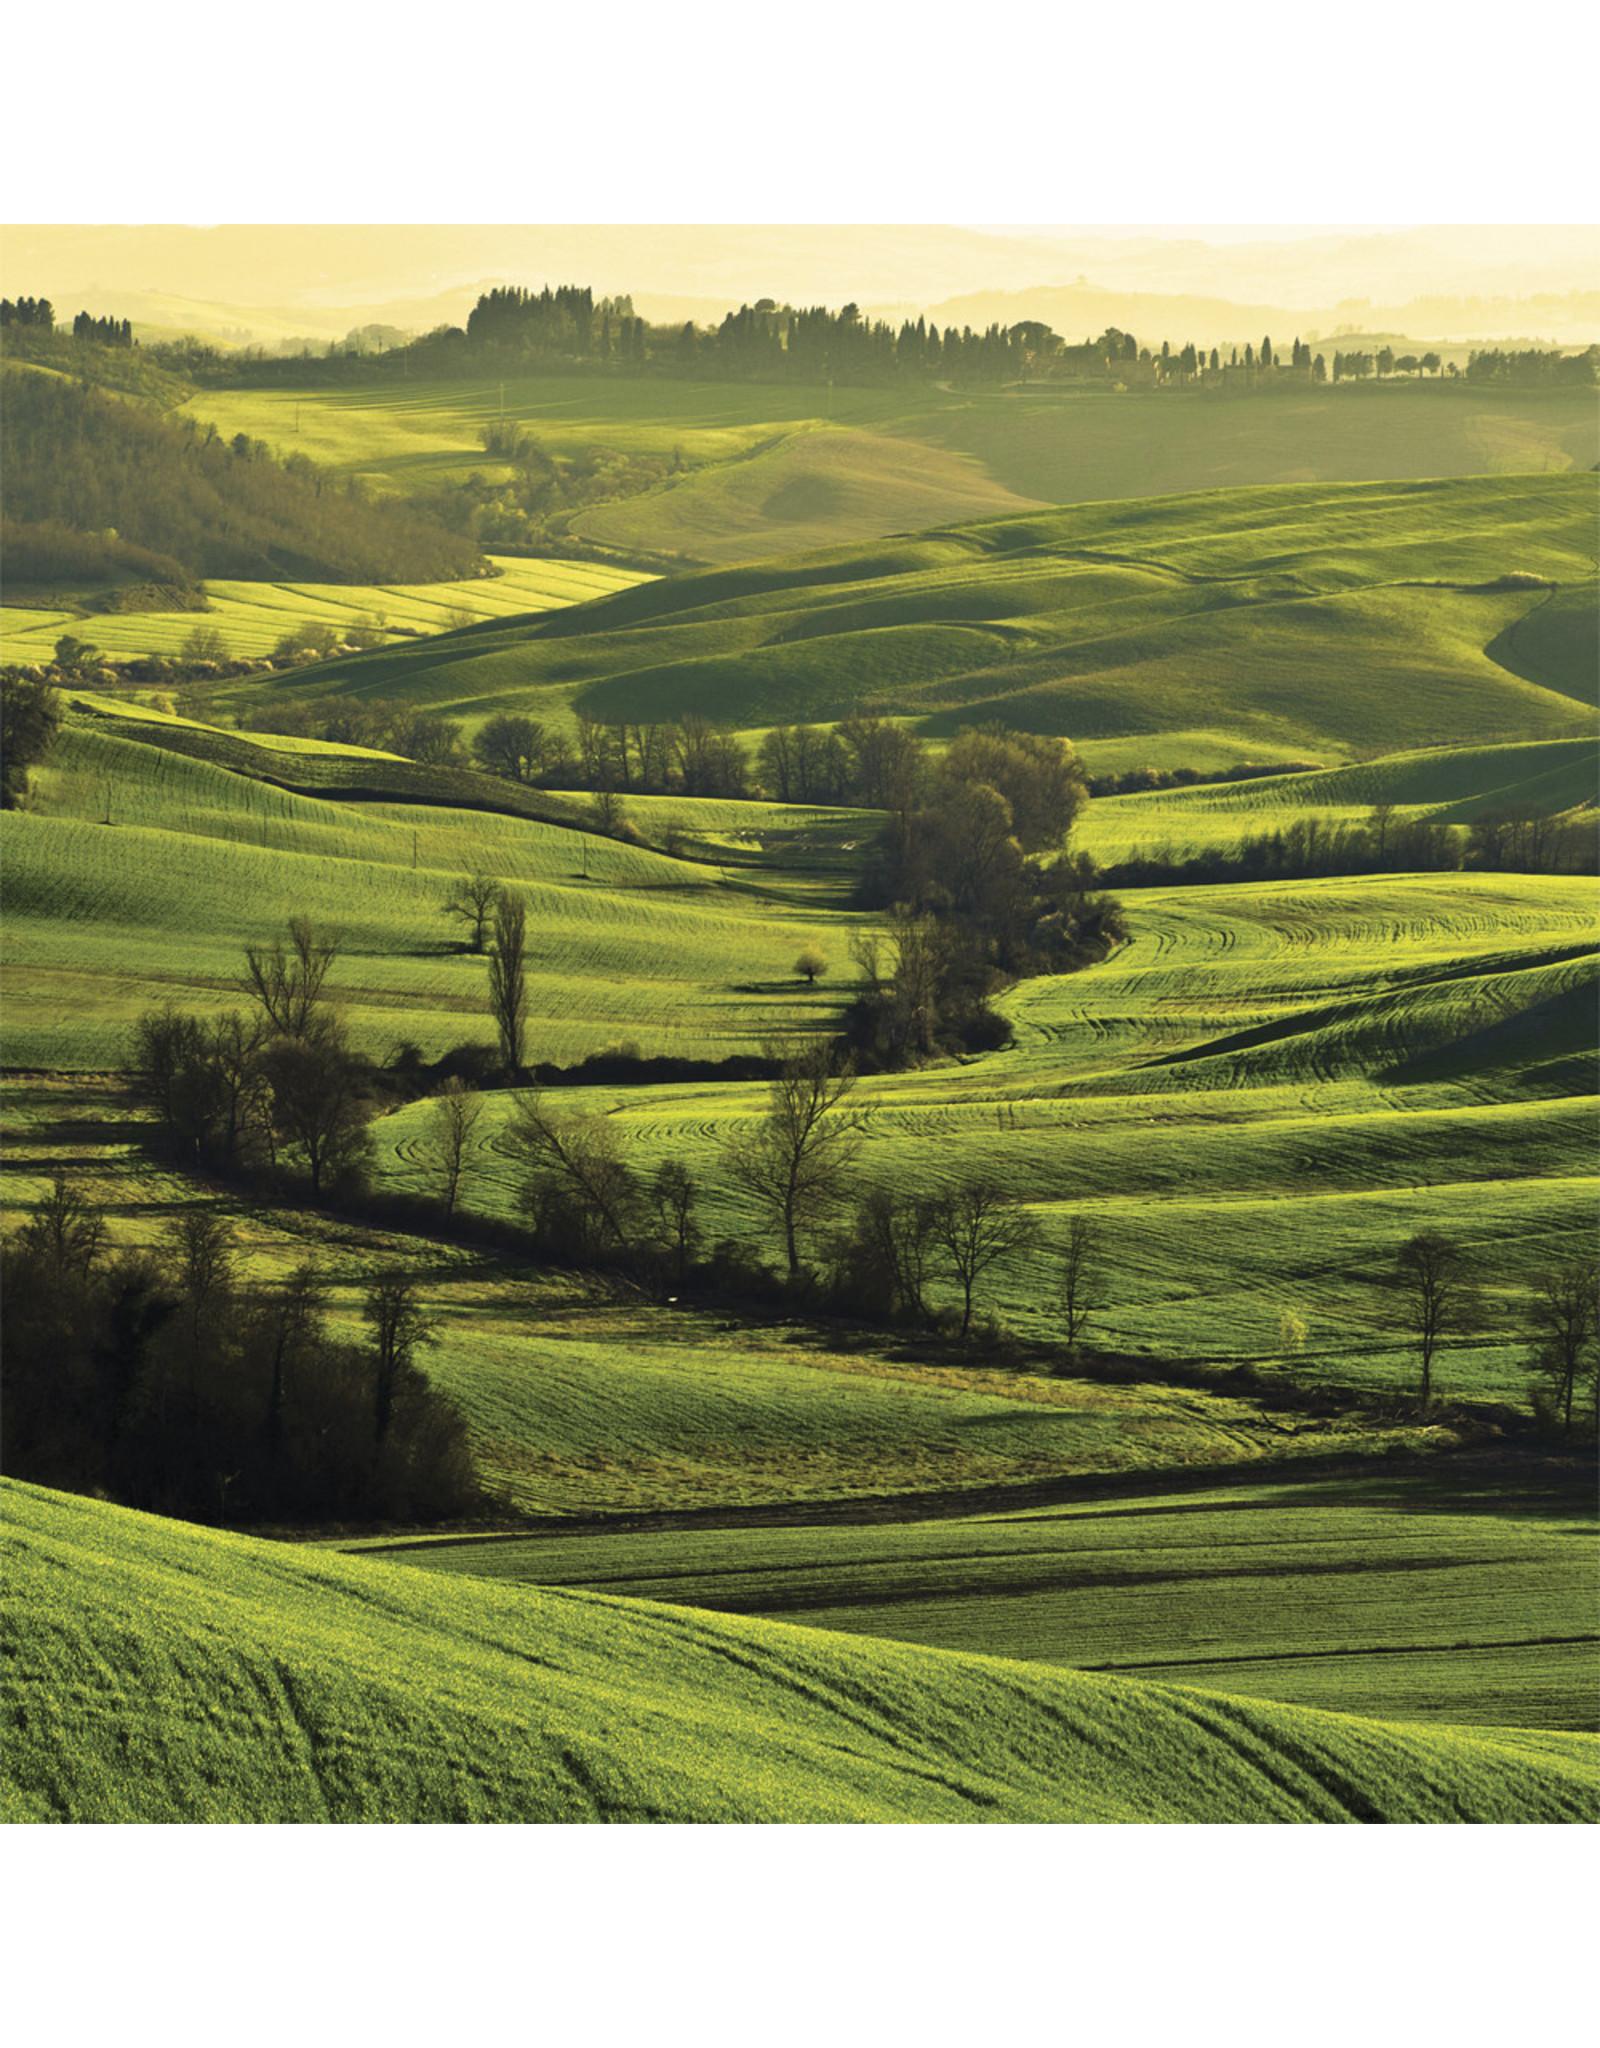 Zen Art & Design Tuscan Dawn (Teaser, 50 Pieces, Artisanal Wooden Jigsaw Puzzle)